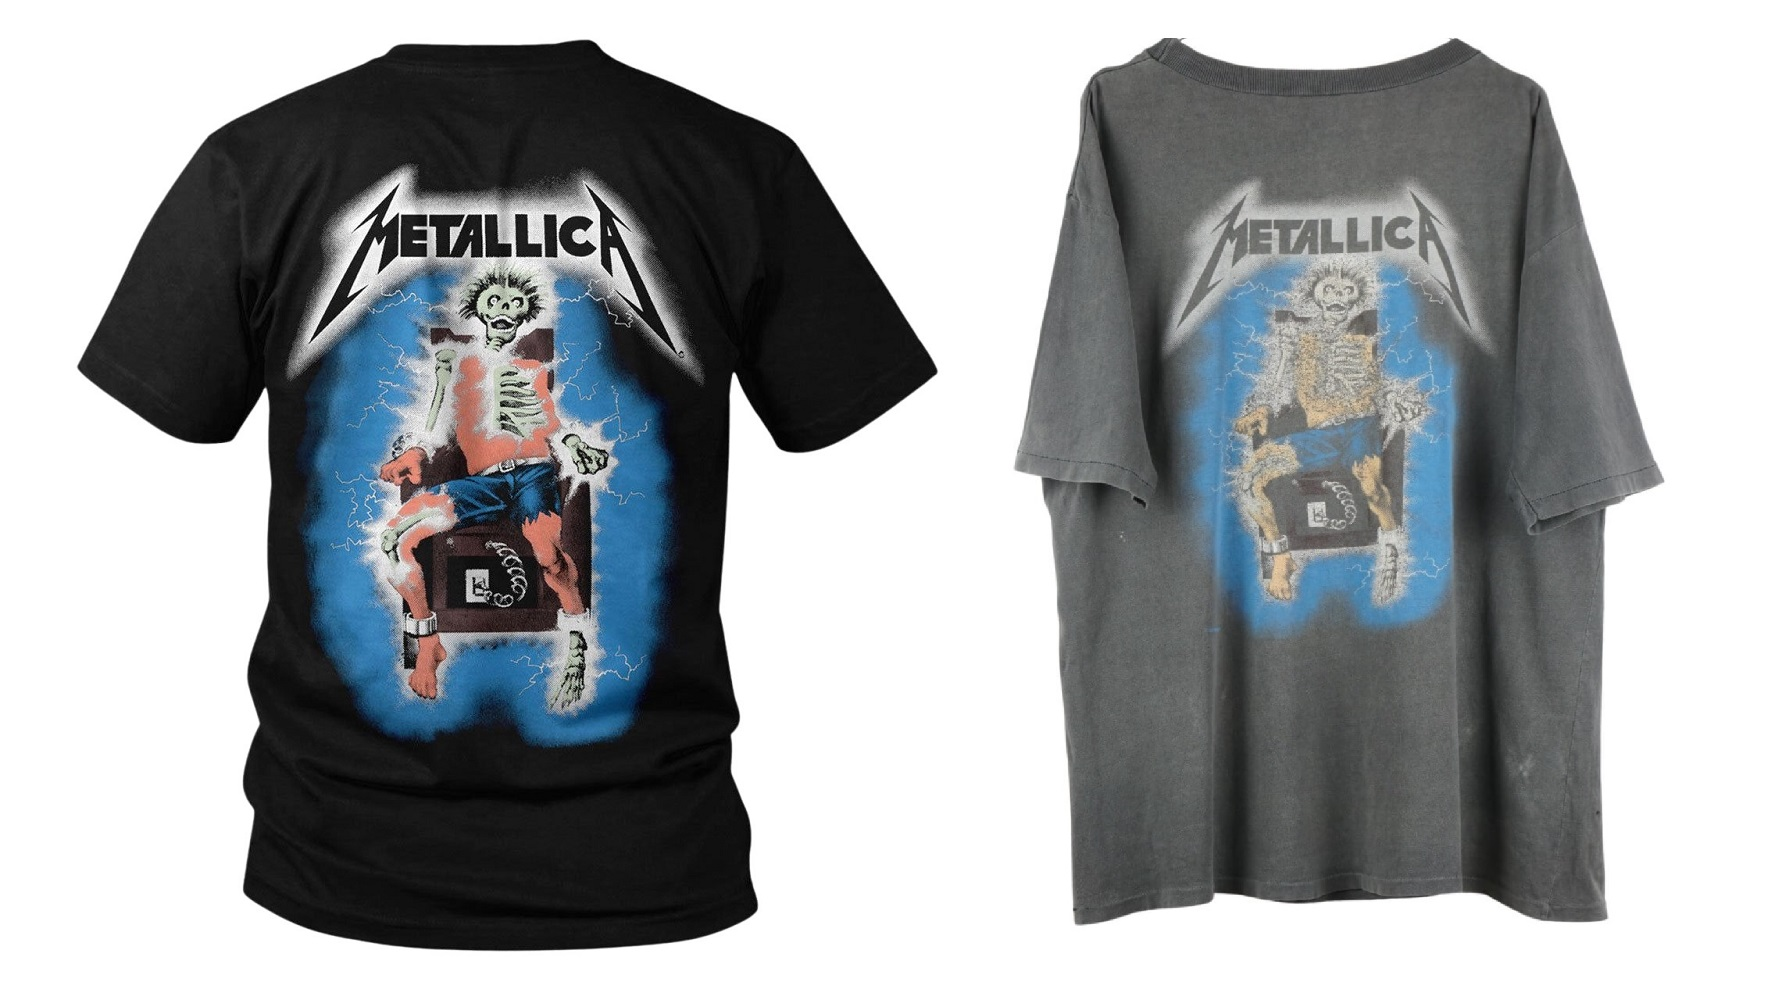 Vergleich_Metallica Reprint (links) mit der originalen Version von 1986 (rechts)